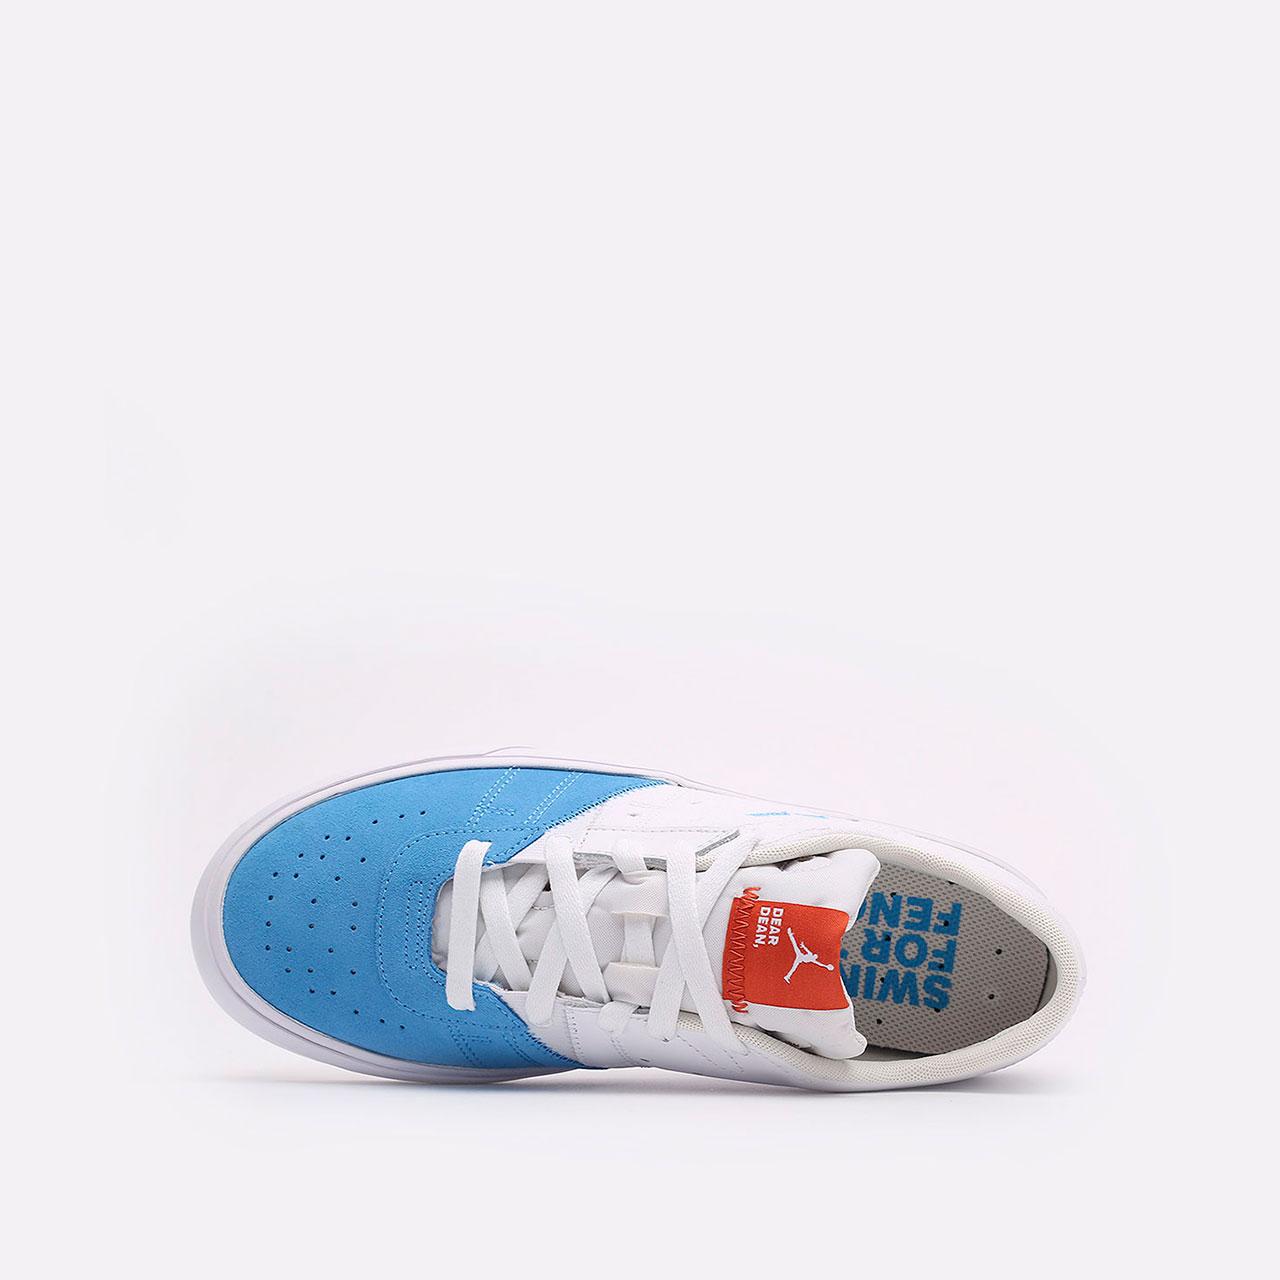 мужские голубые, белые  кроссовки jordan series.02 DJ0417-100 - цена, описание, фото 6